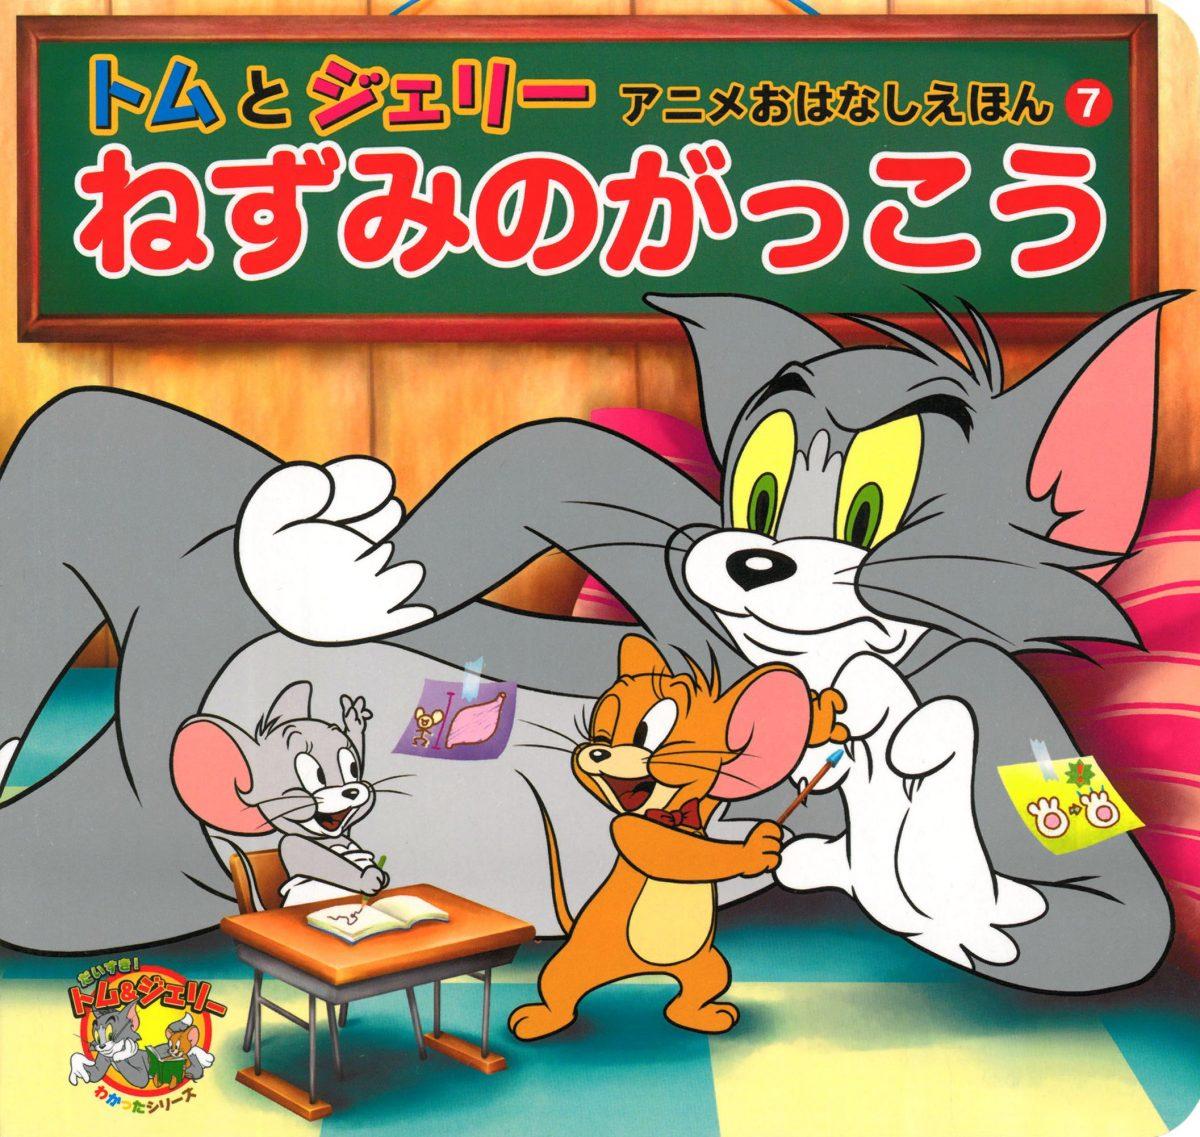 絵本「トムとジェリー アニメおはなしえほん7 ねずみのがっこう」の表紙